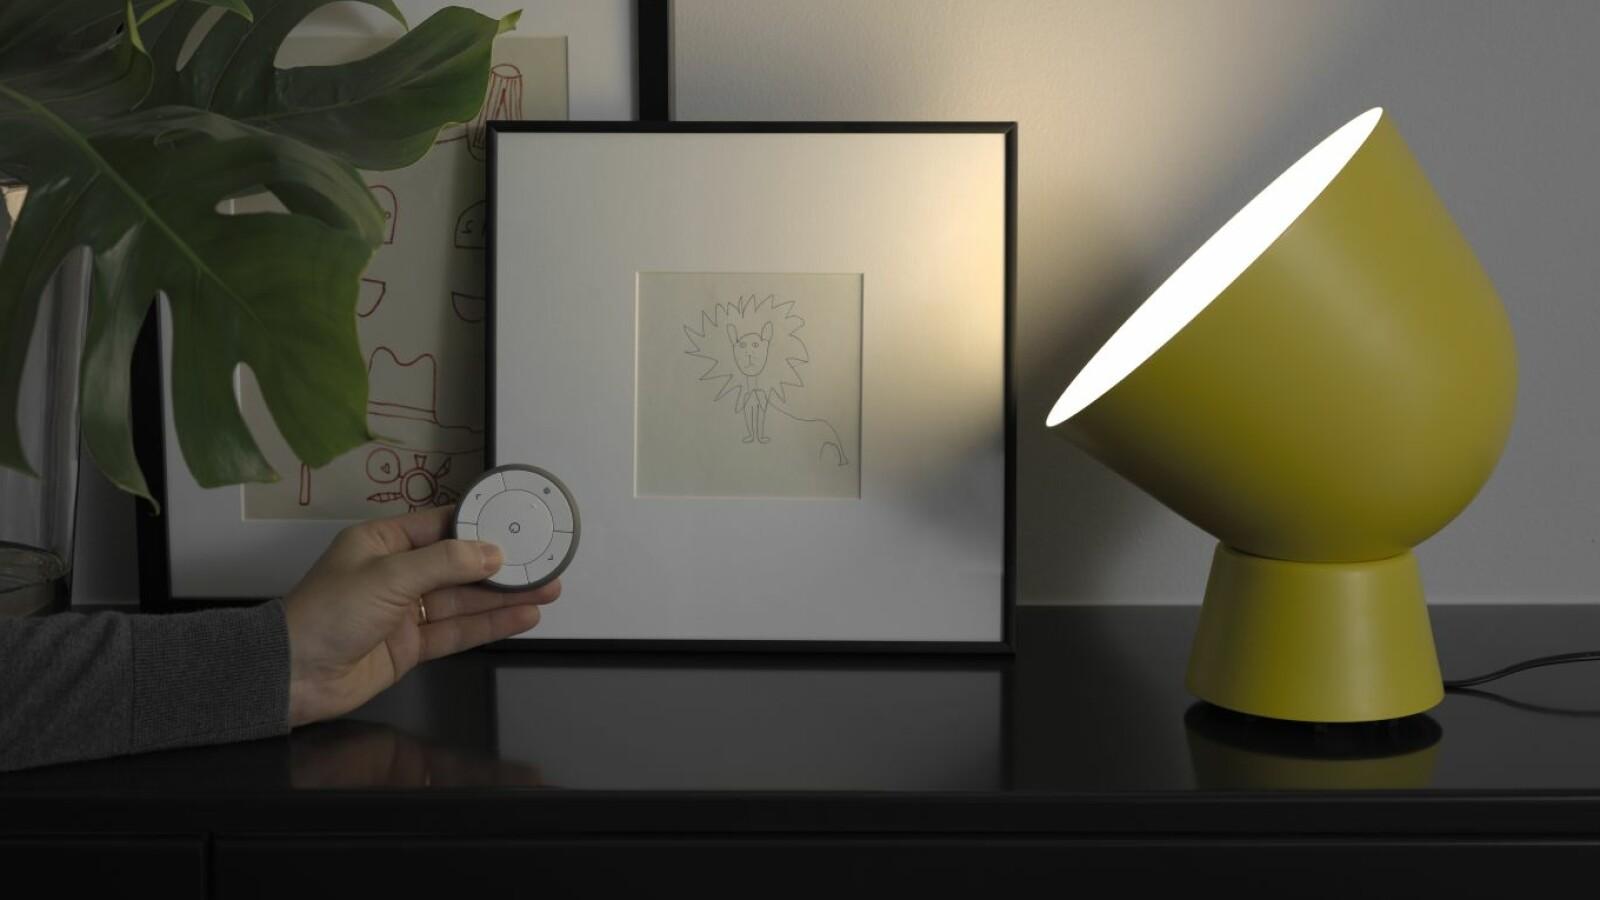 tradfri spricht mit siri und alexa ikea lampen werden. Black Bedroom Furniture Sets. Home Design Ideas